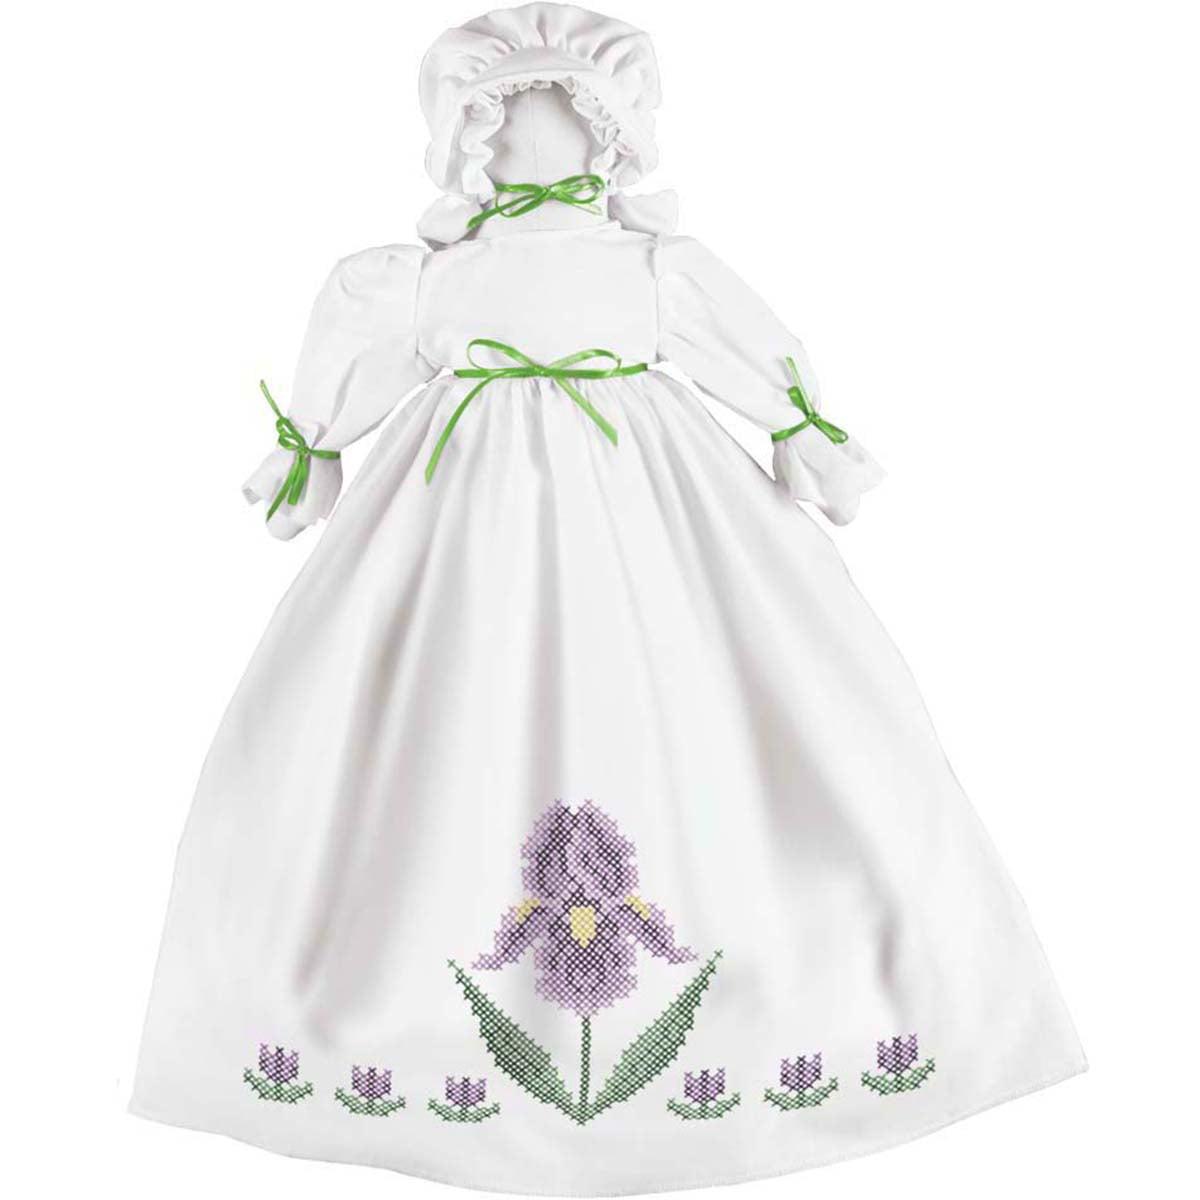 Herrschners® Flower Garden Pillowcase Doll Stamped Cross-Stitch Kit